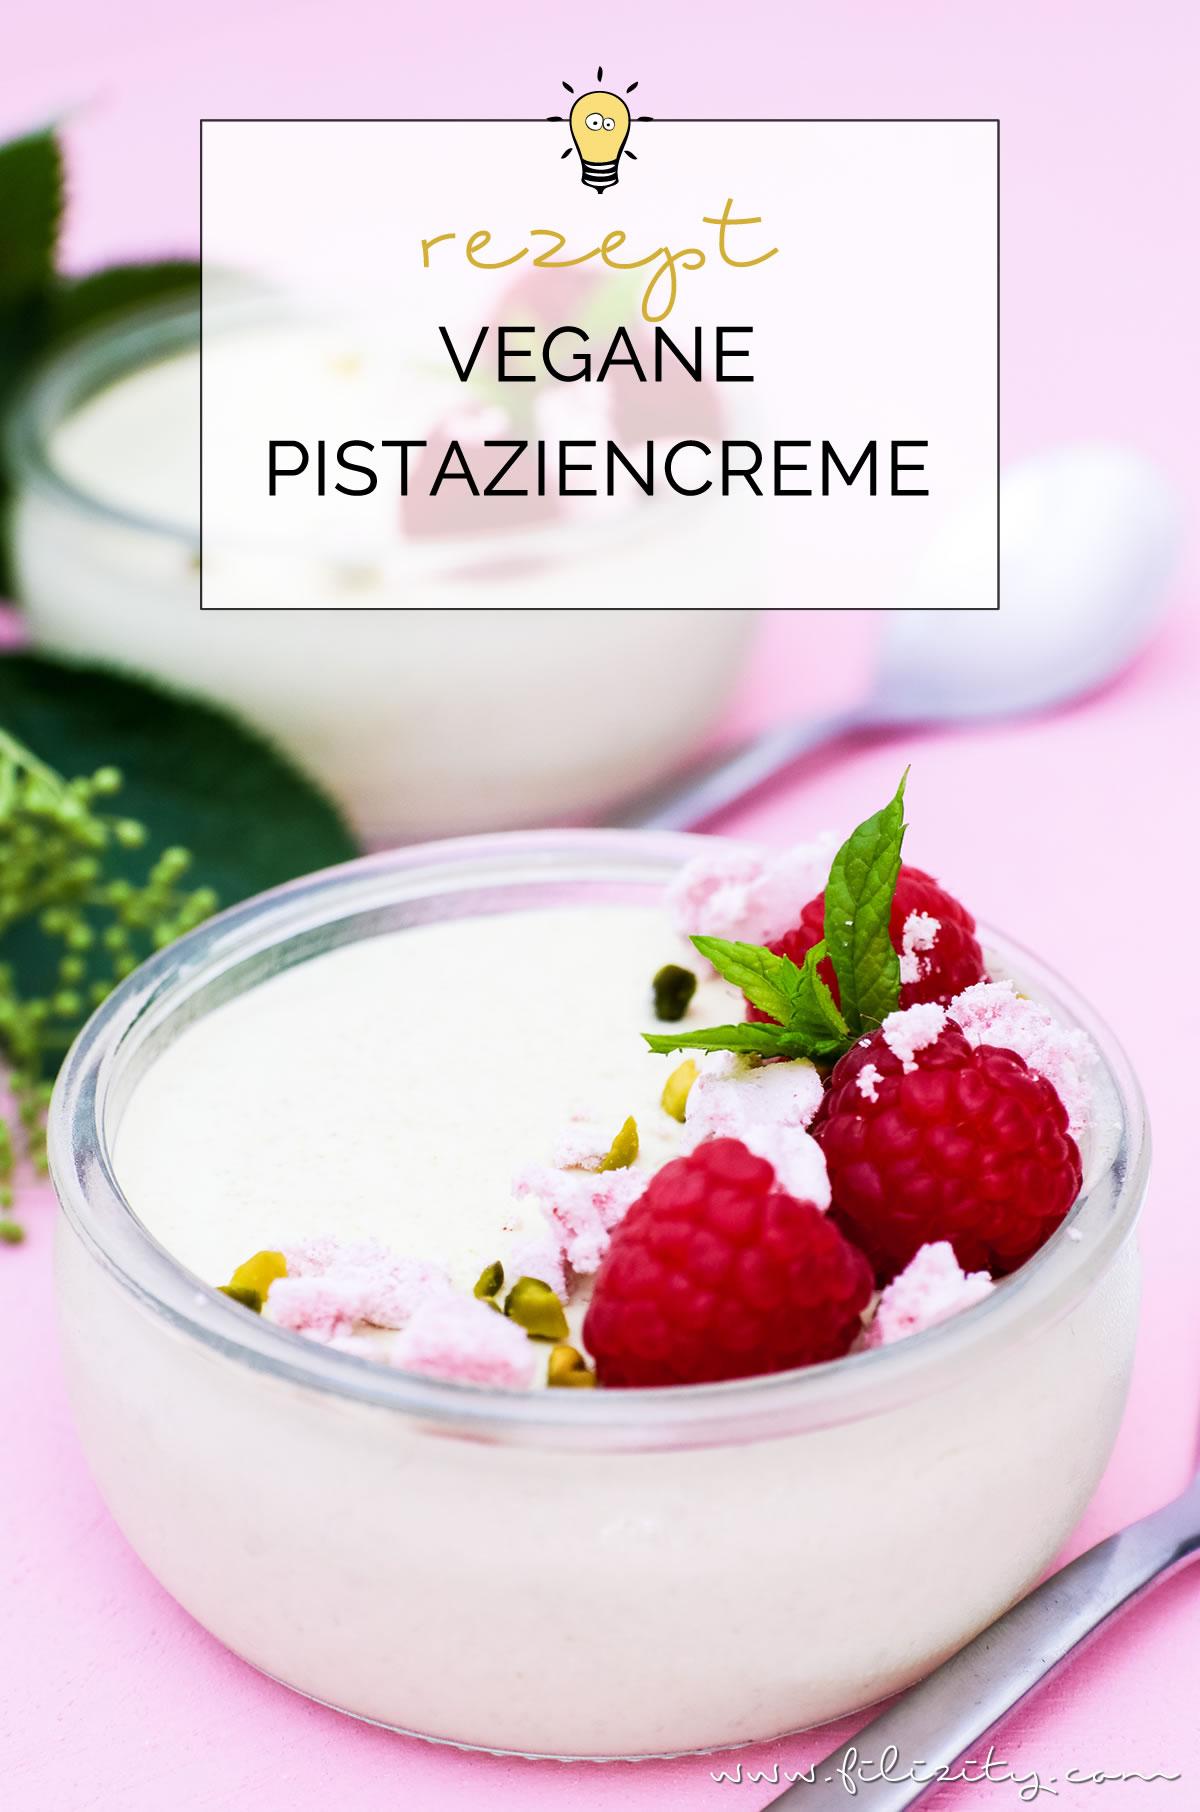 Rezept für vegane Pistaziencreme mit Himbeeren und Baiser   Perfektes Dessert-Rezept für Sommer   Filizity.com   Food-Blog aus dem Rheinland #vegan #veggie #dessert